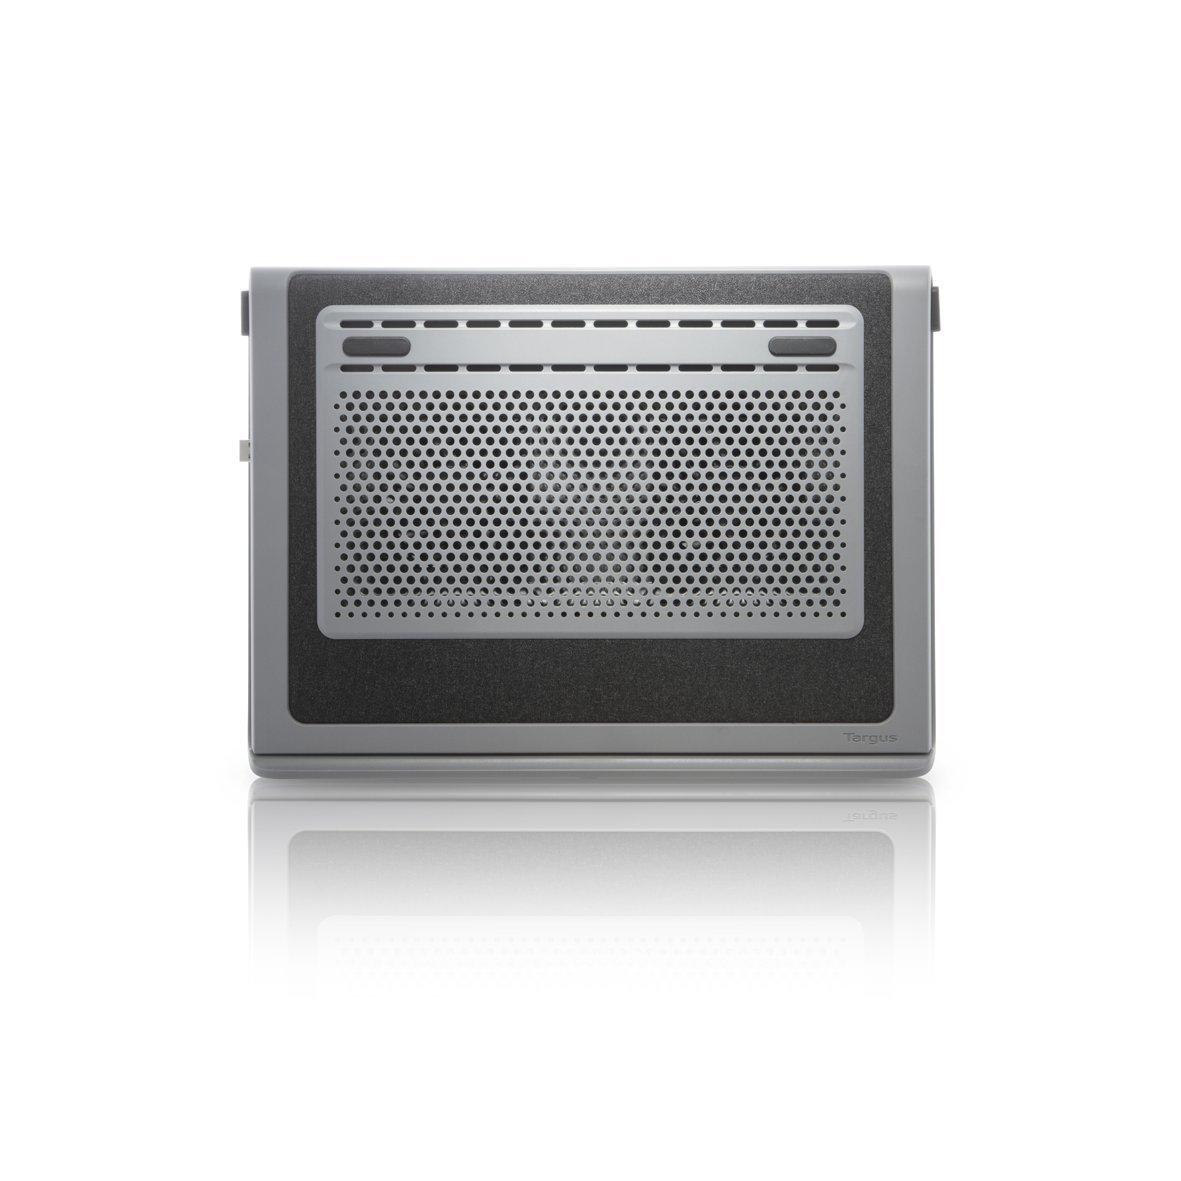 Targus AWE8001EU - Base refrigeradora para ordenador portátil de 17